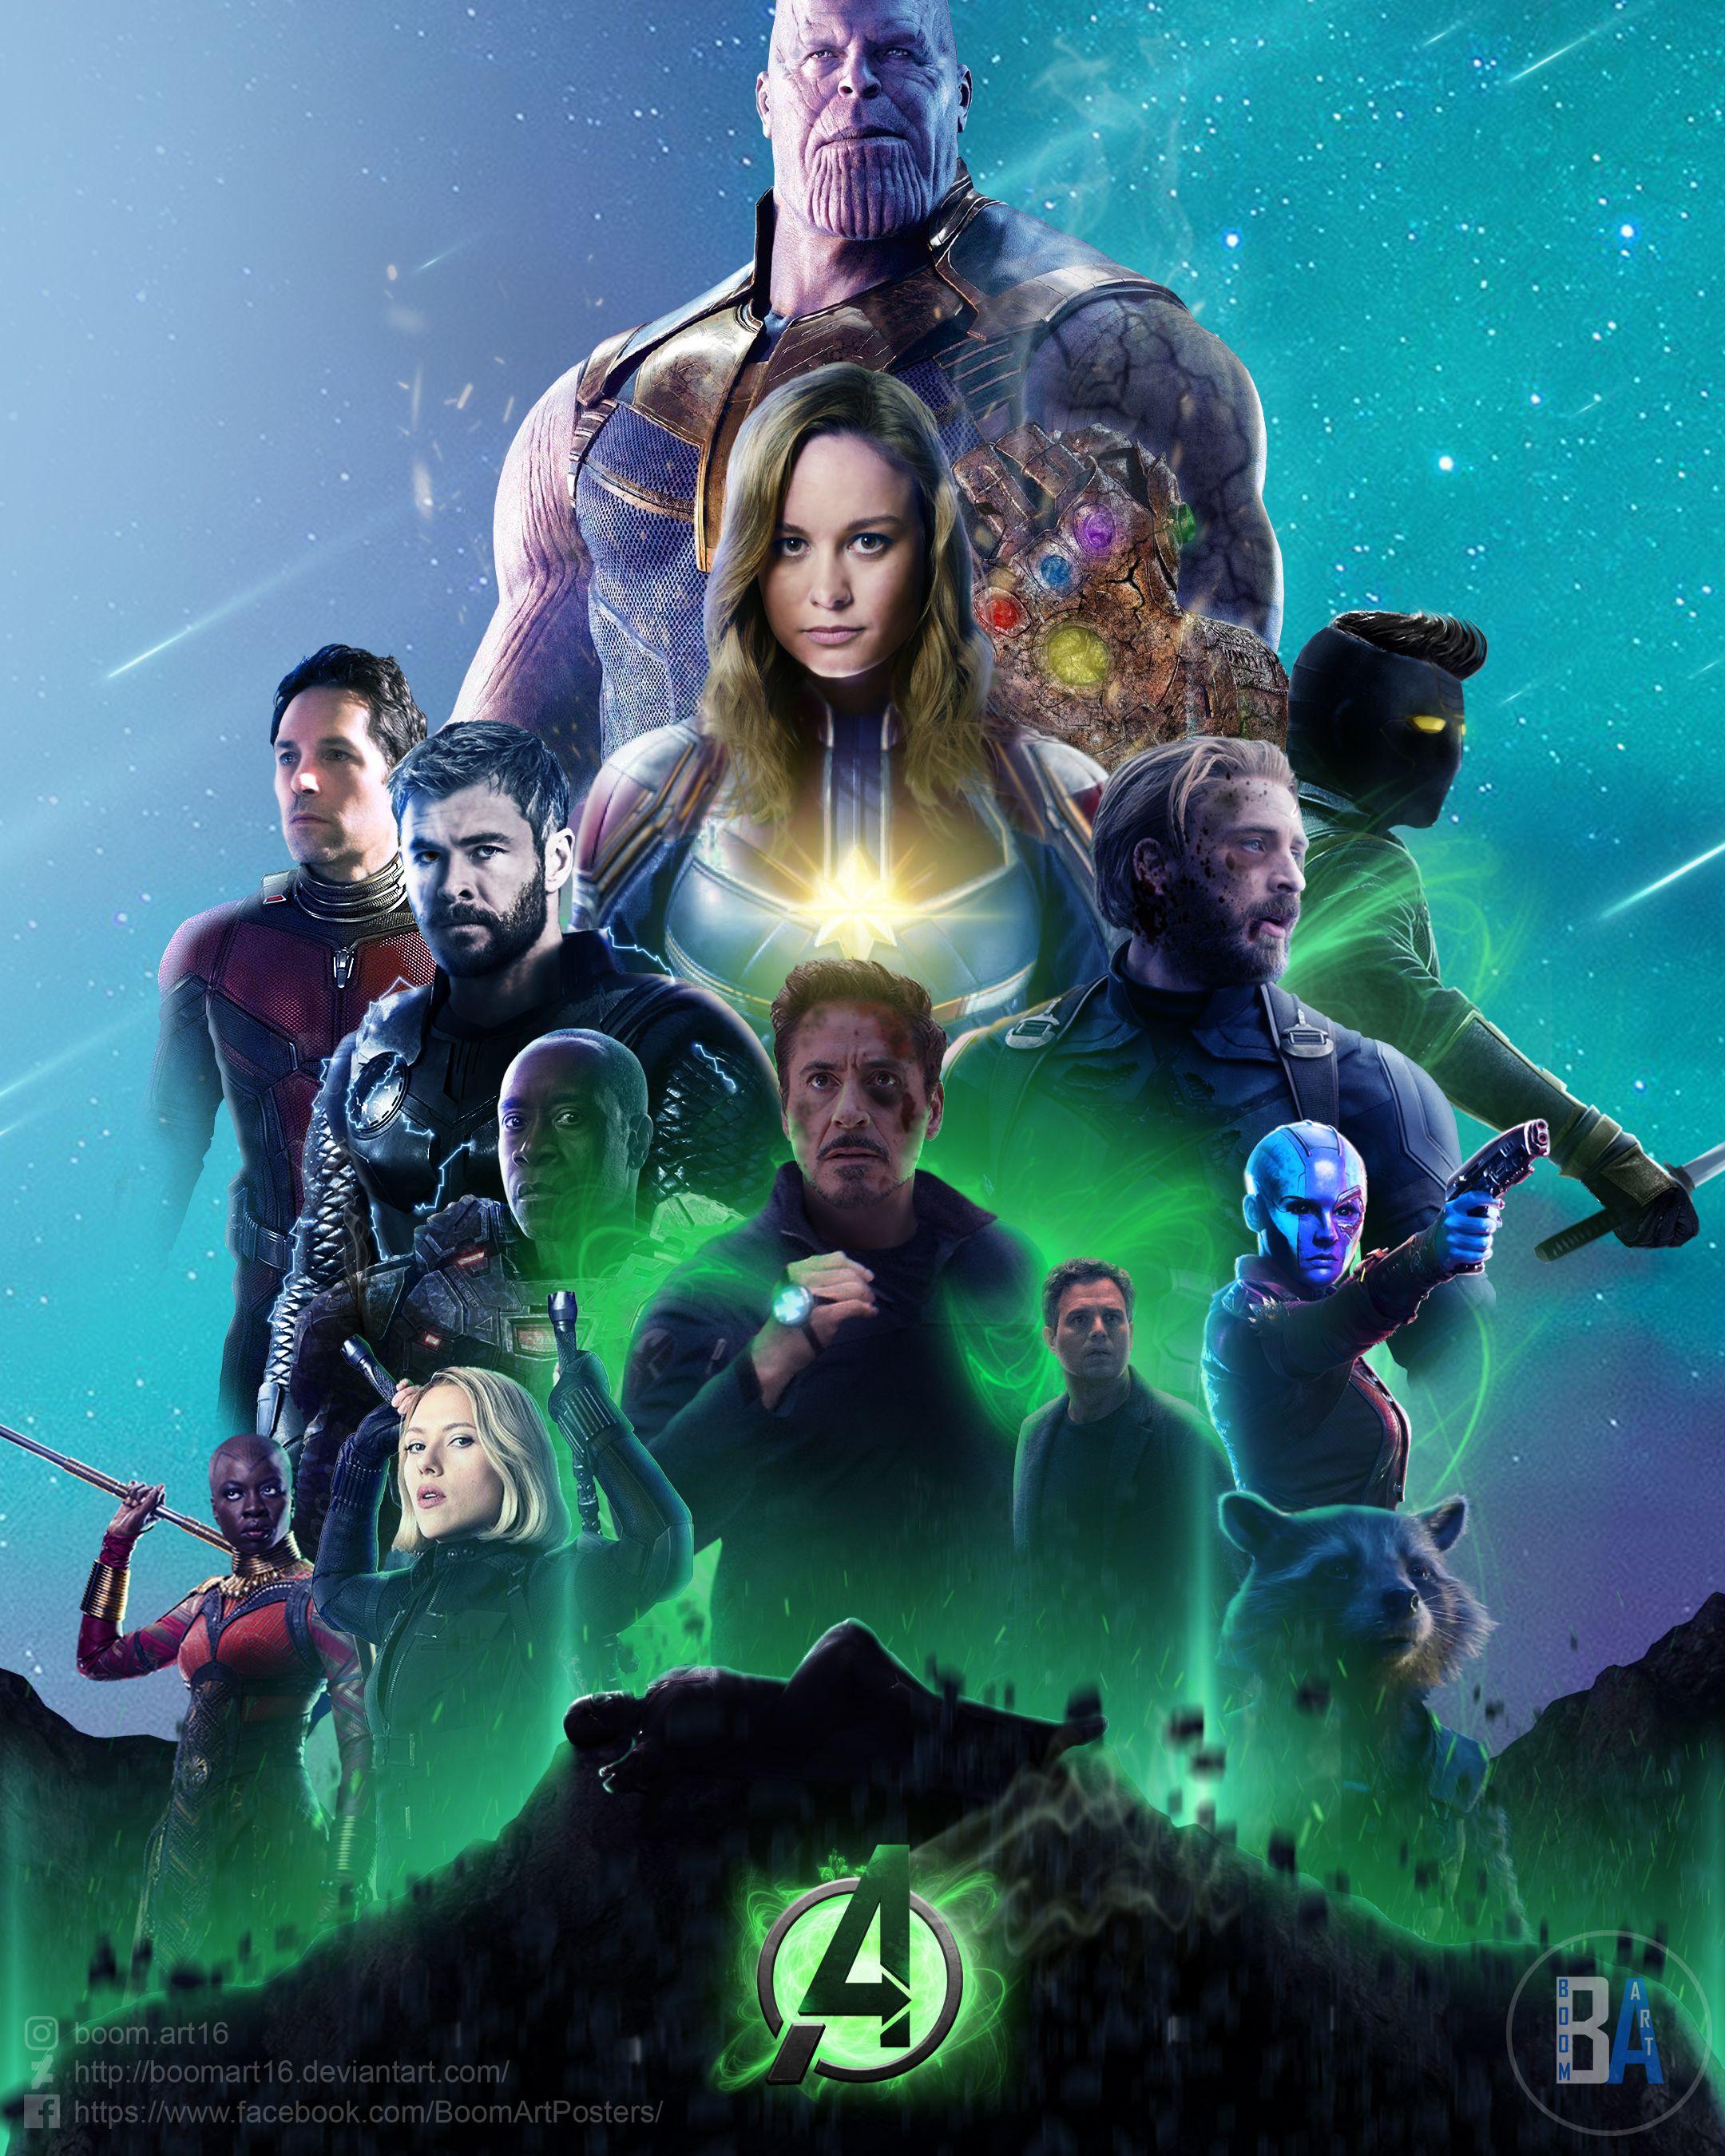 marvel's avengers 4 posterboomart16 | marvel | marvel avengers